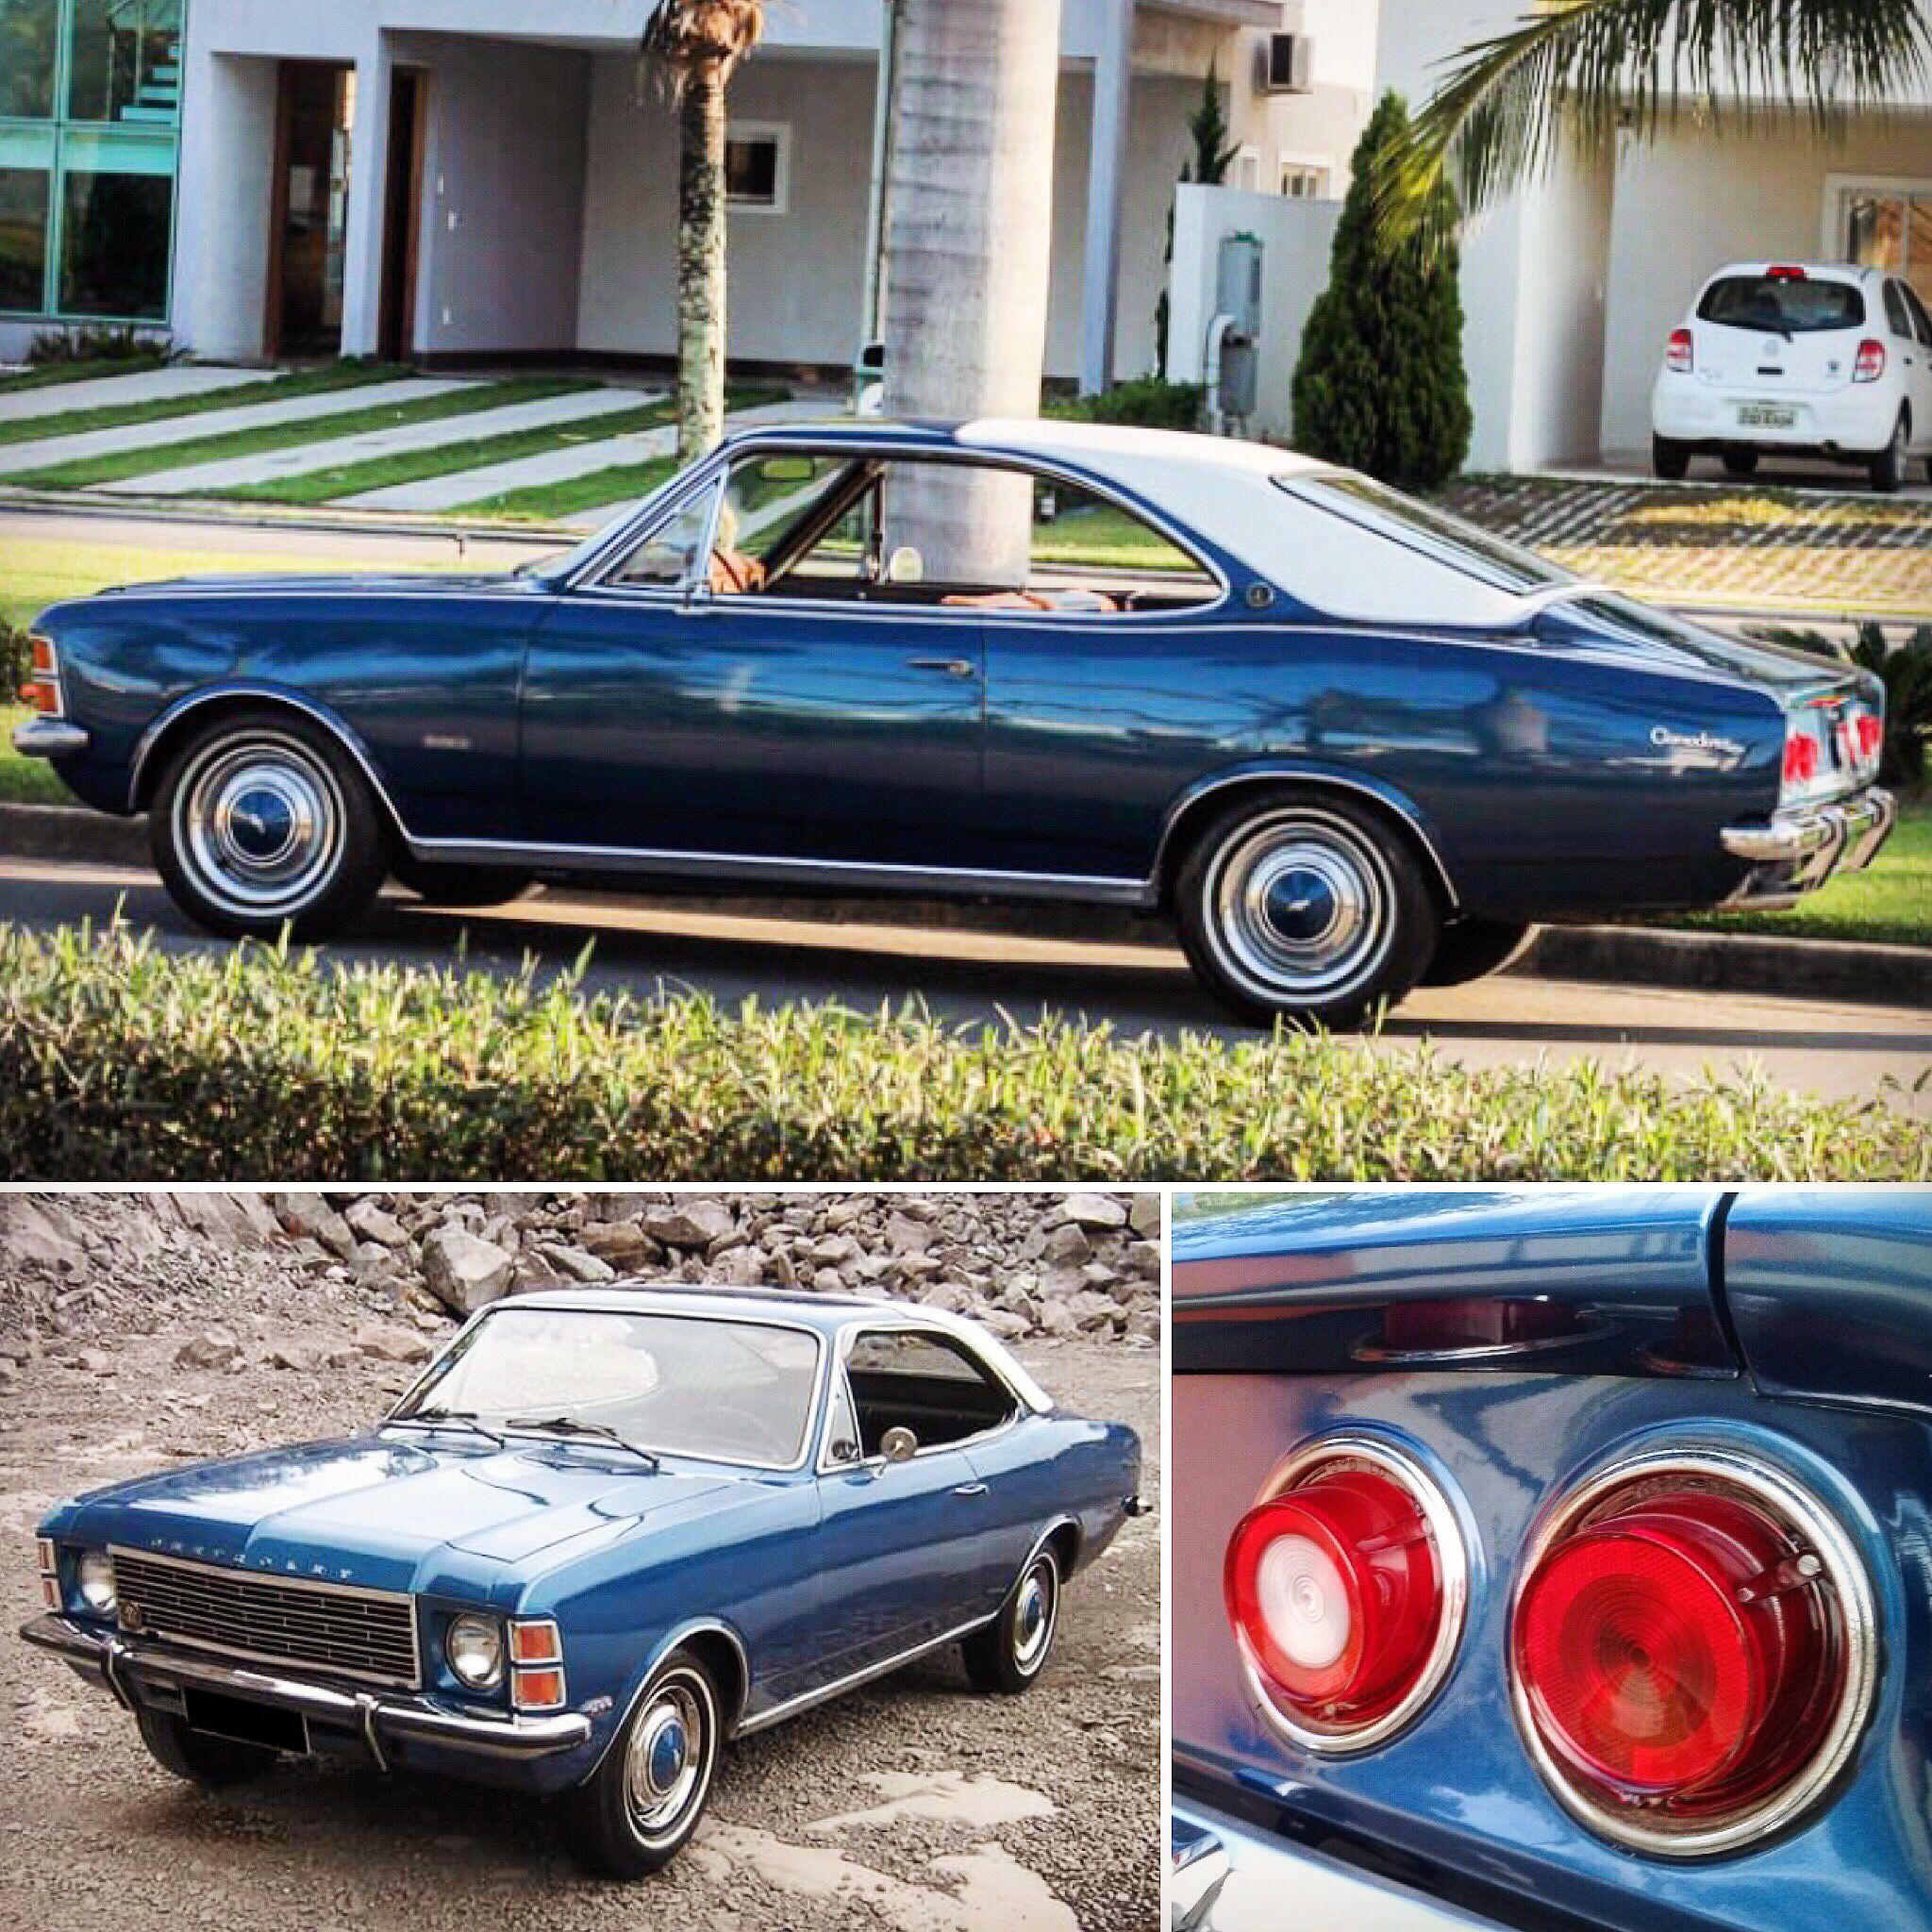 Pin De Ewelyne New Ova Em Auta Cars Chevrolet Opala Carros